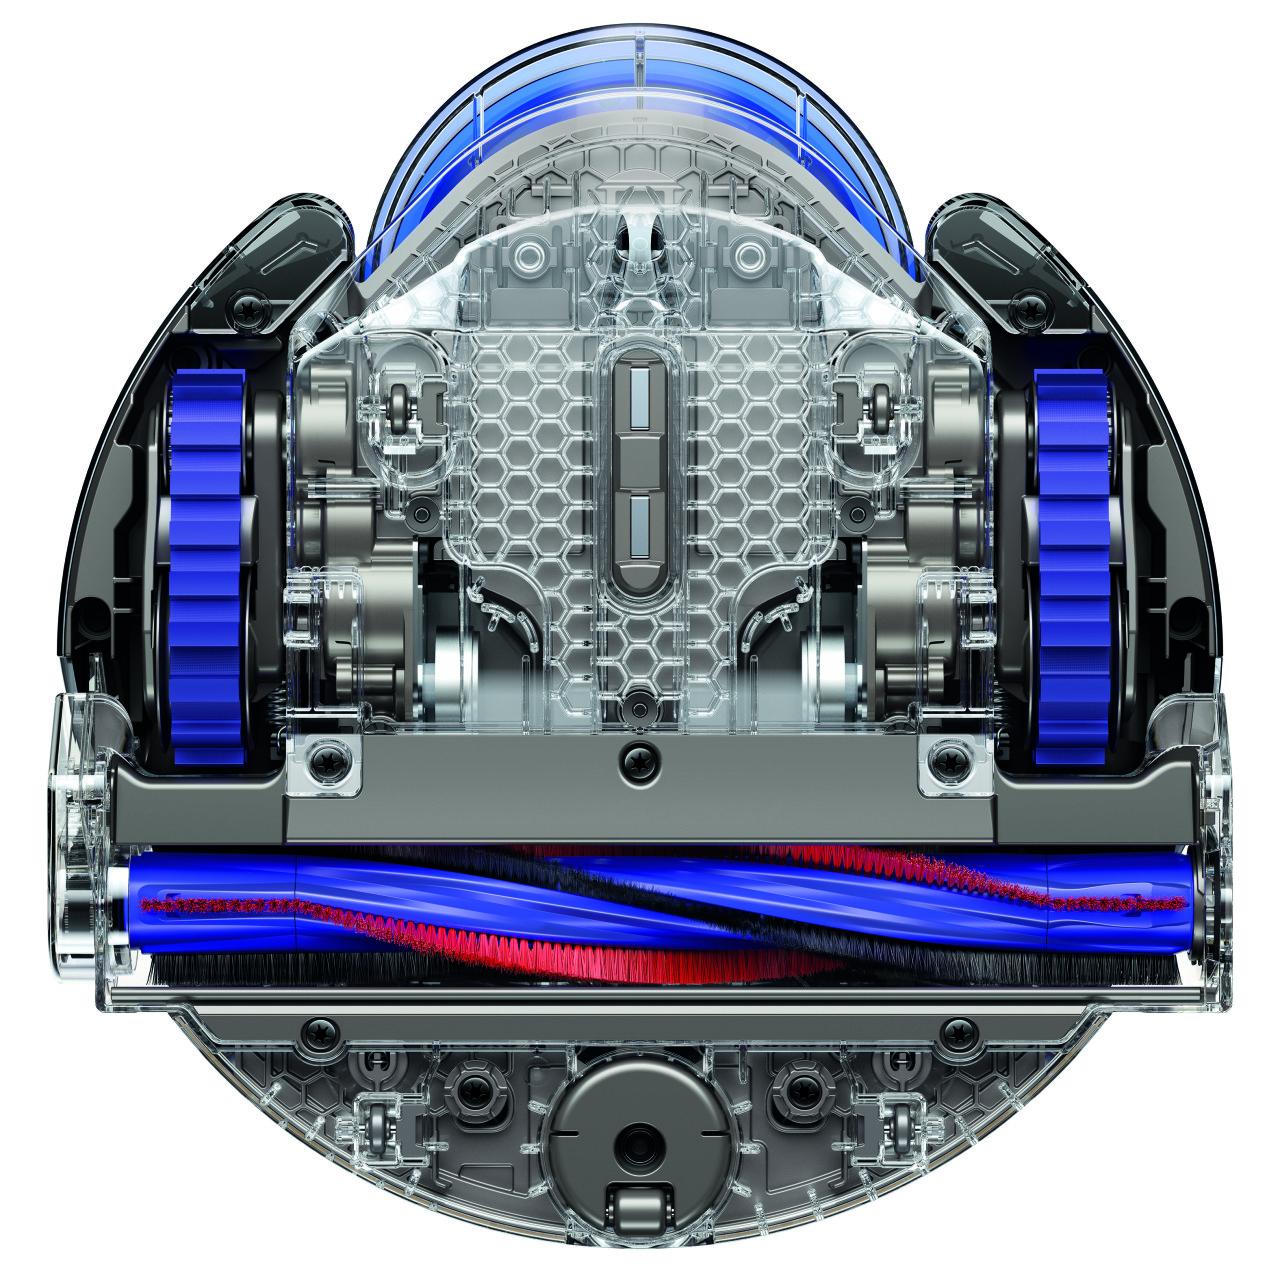 dyson-360-eye-robot-aspirateur-dessous